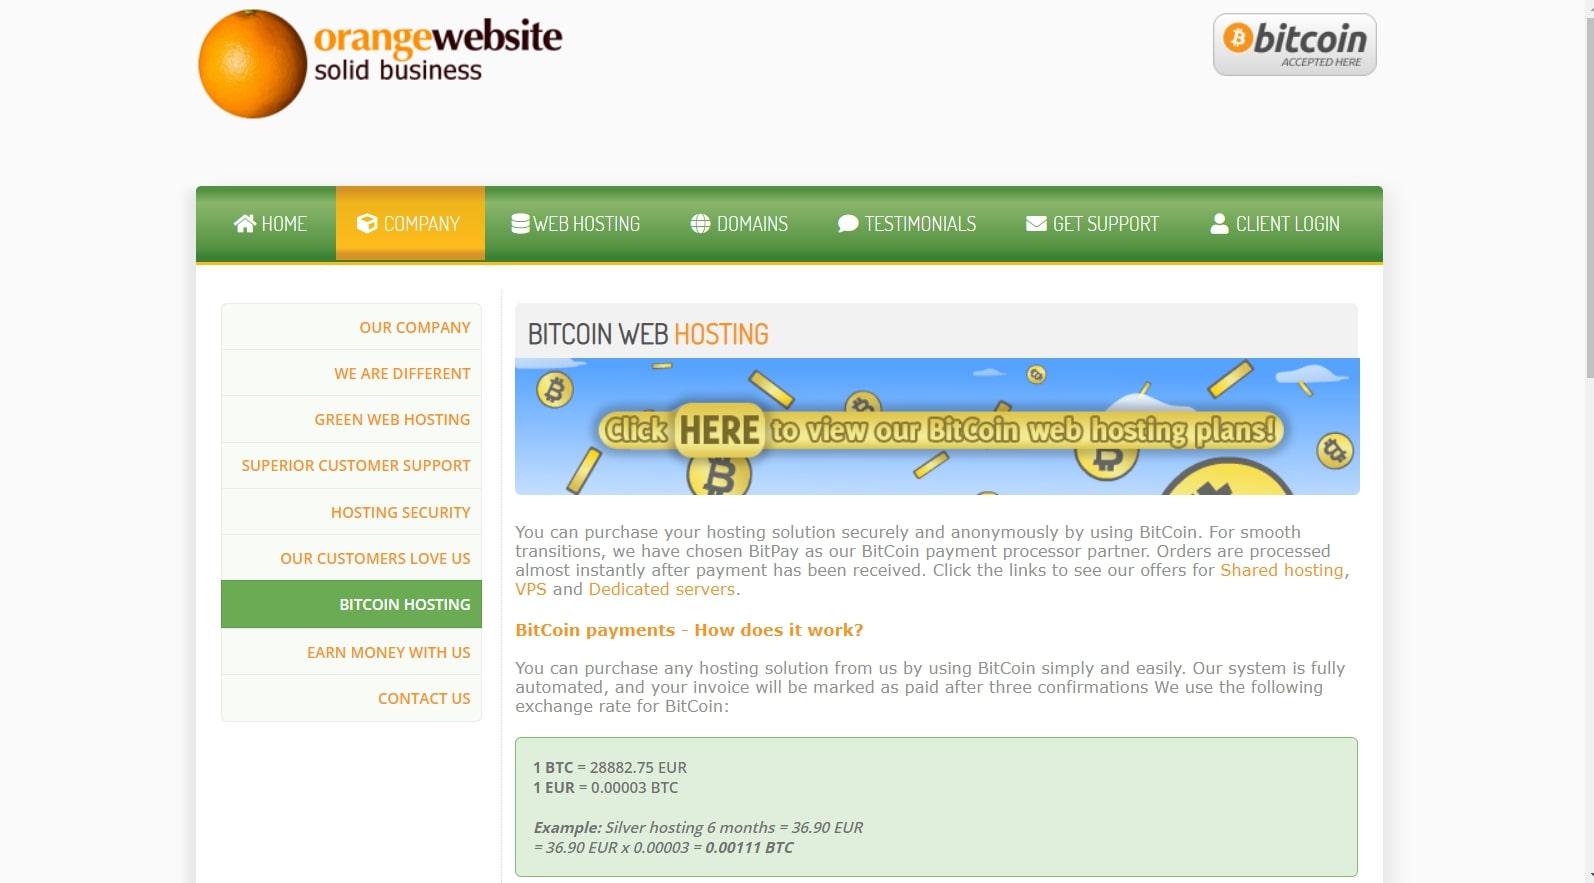 OrangeWebsite's homepage